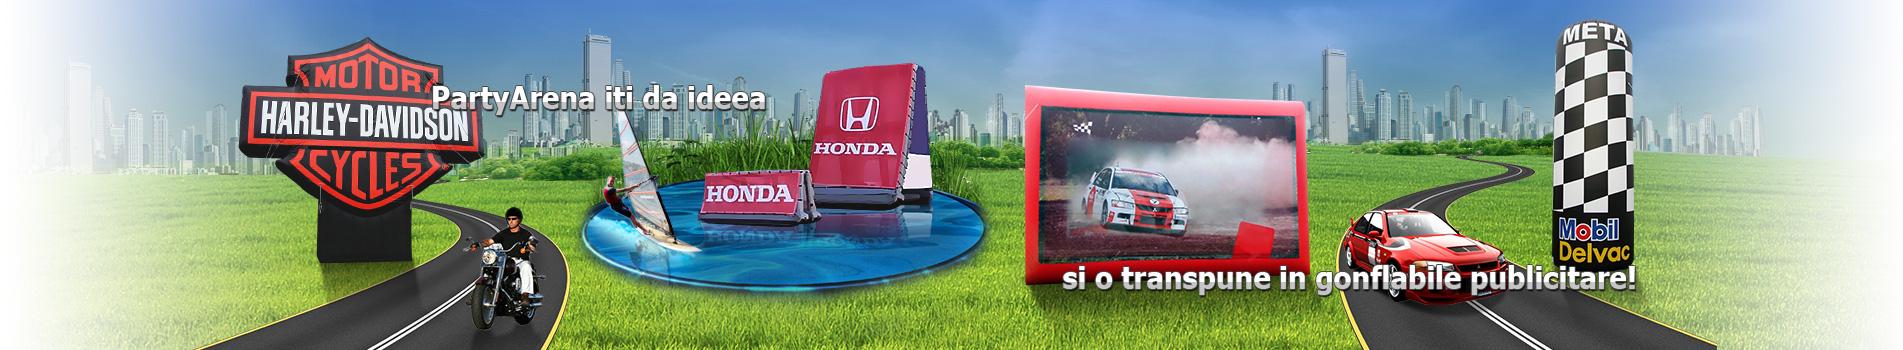 slider2-logo2